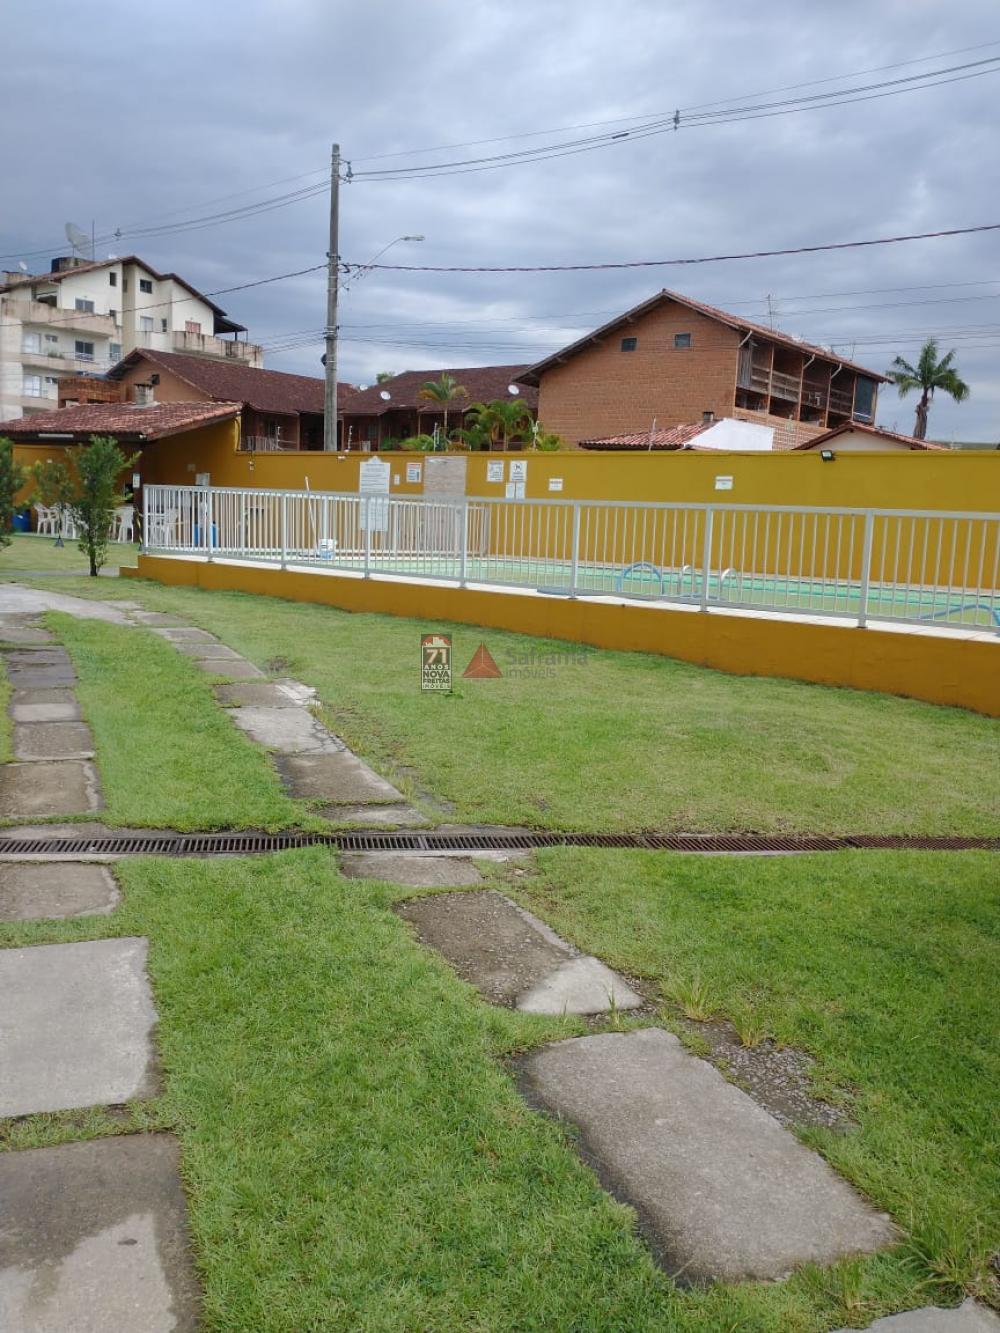 Comprar Casa / Condomínio em Caraguatatuba apenas R$ 340.000,00 - Foto 11